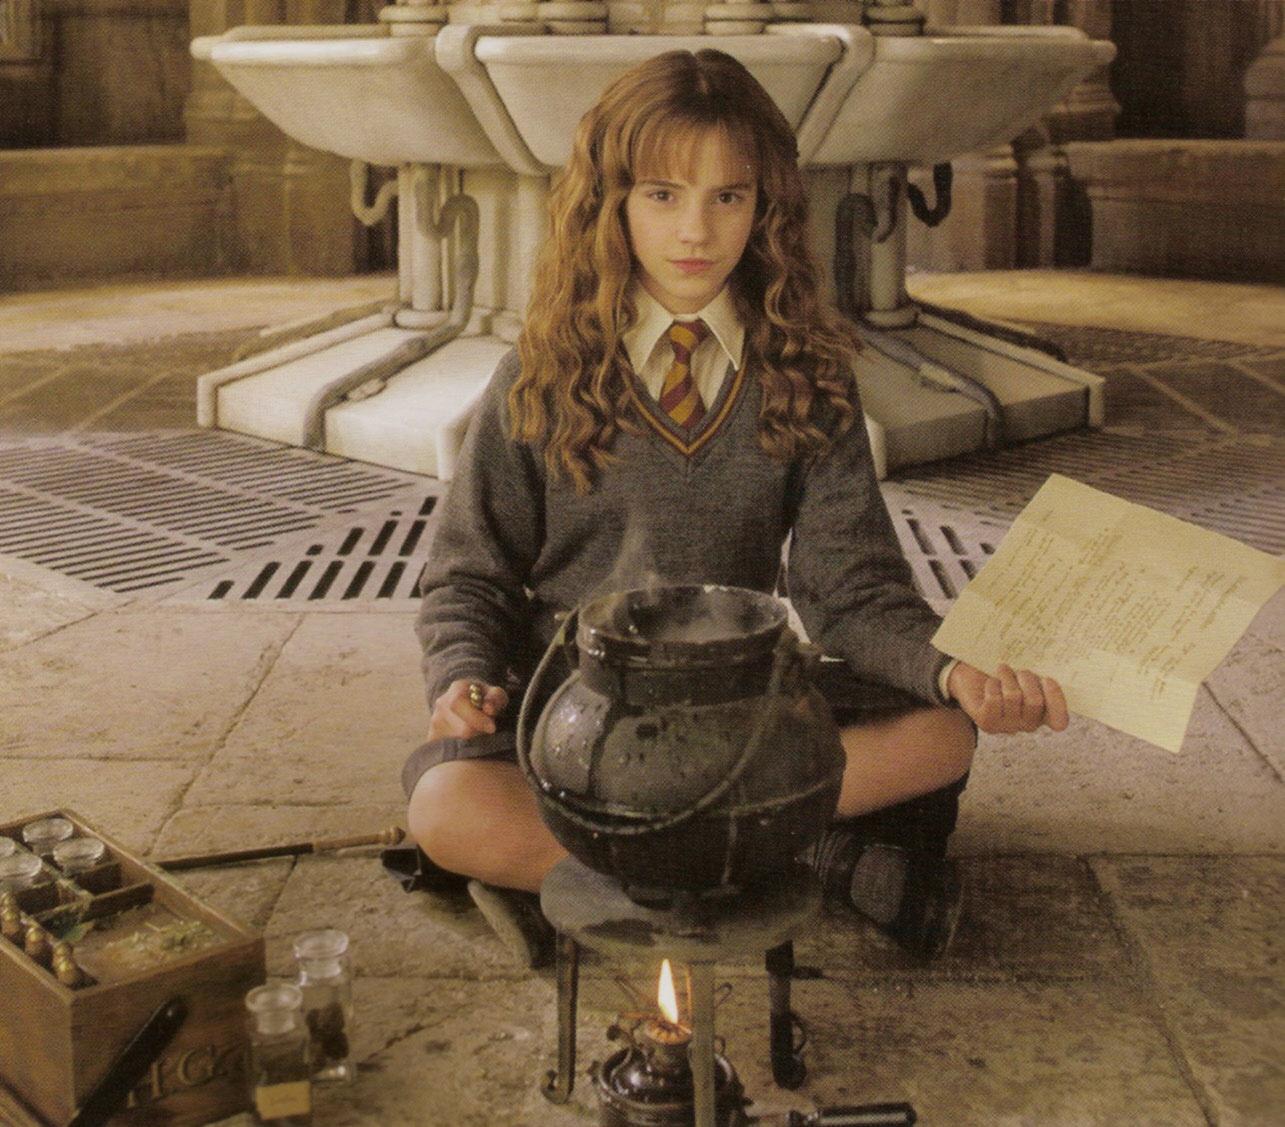 hermione-granger-schoolgirl-naked